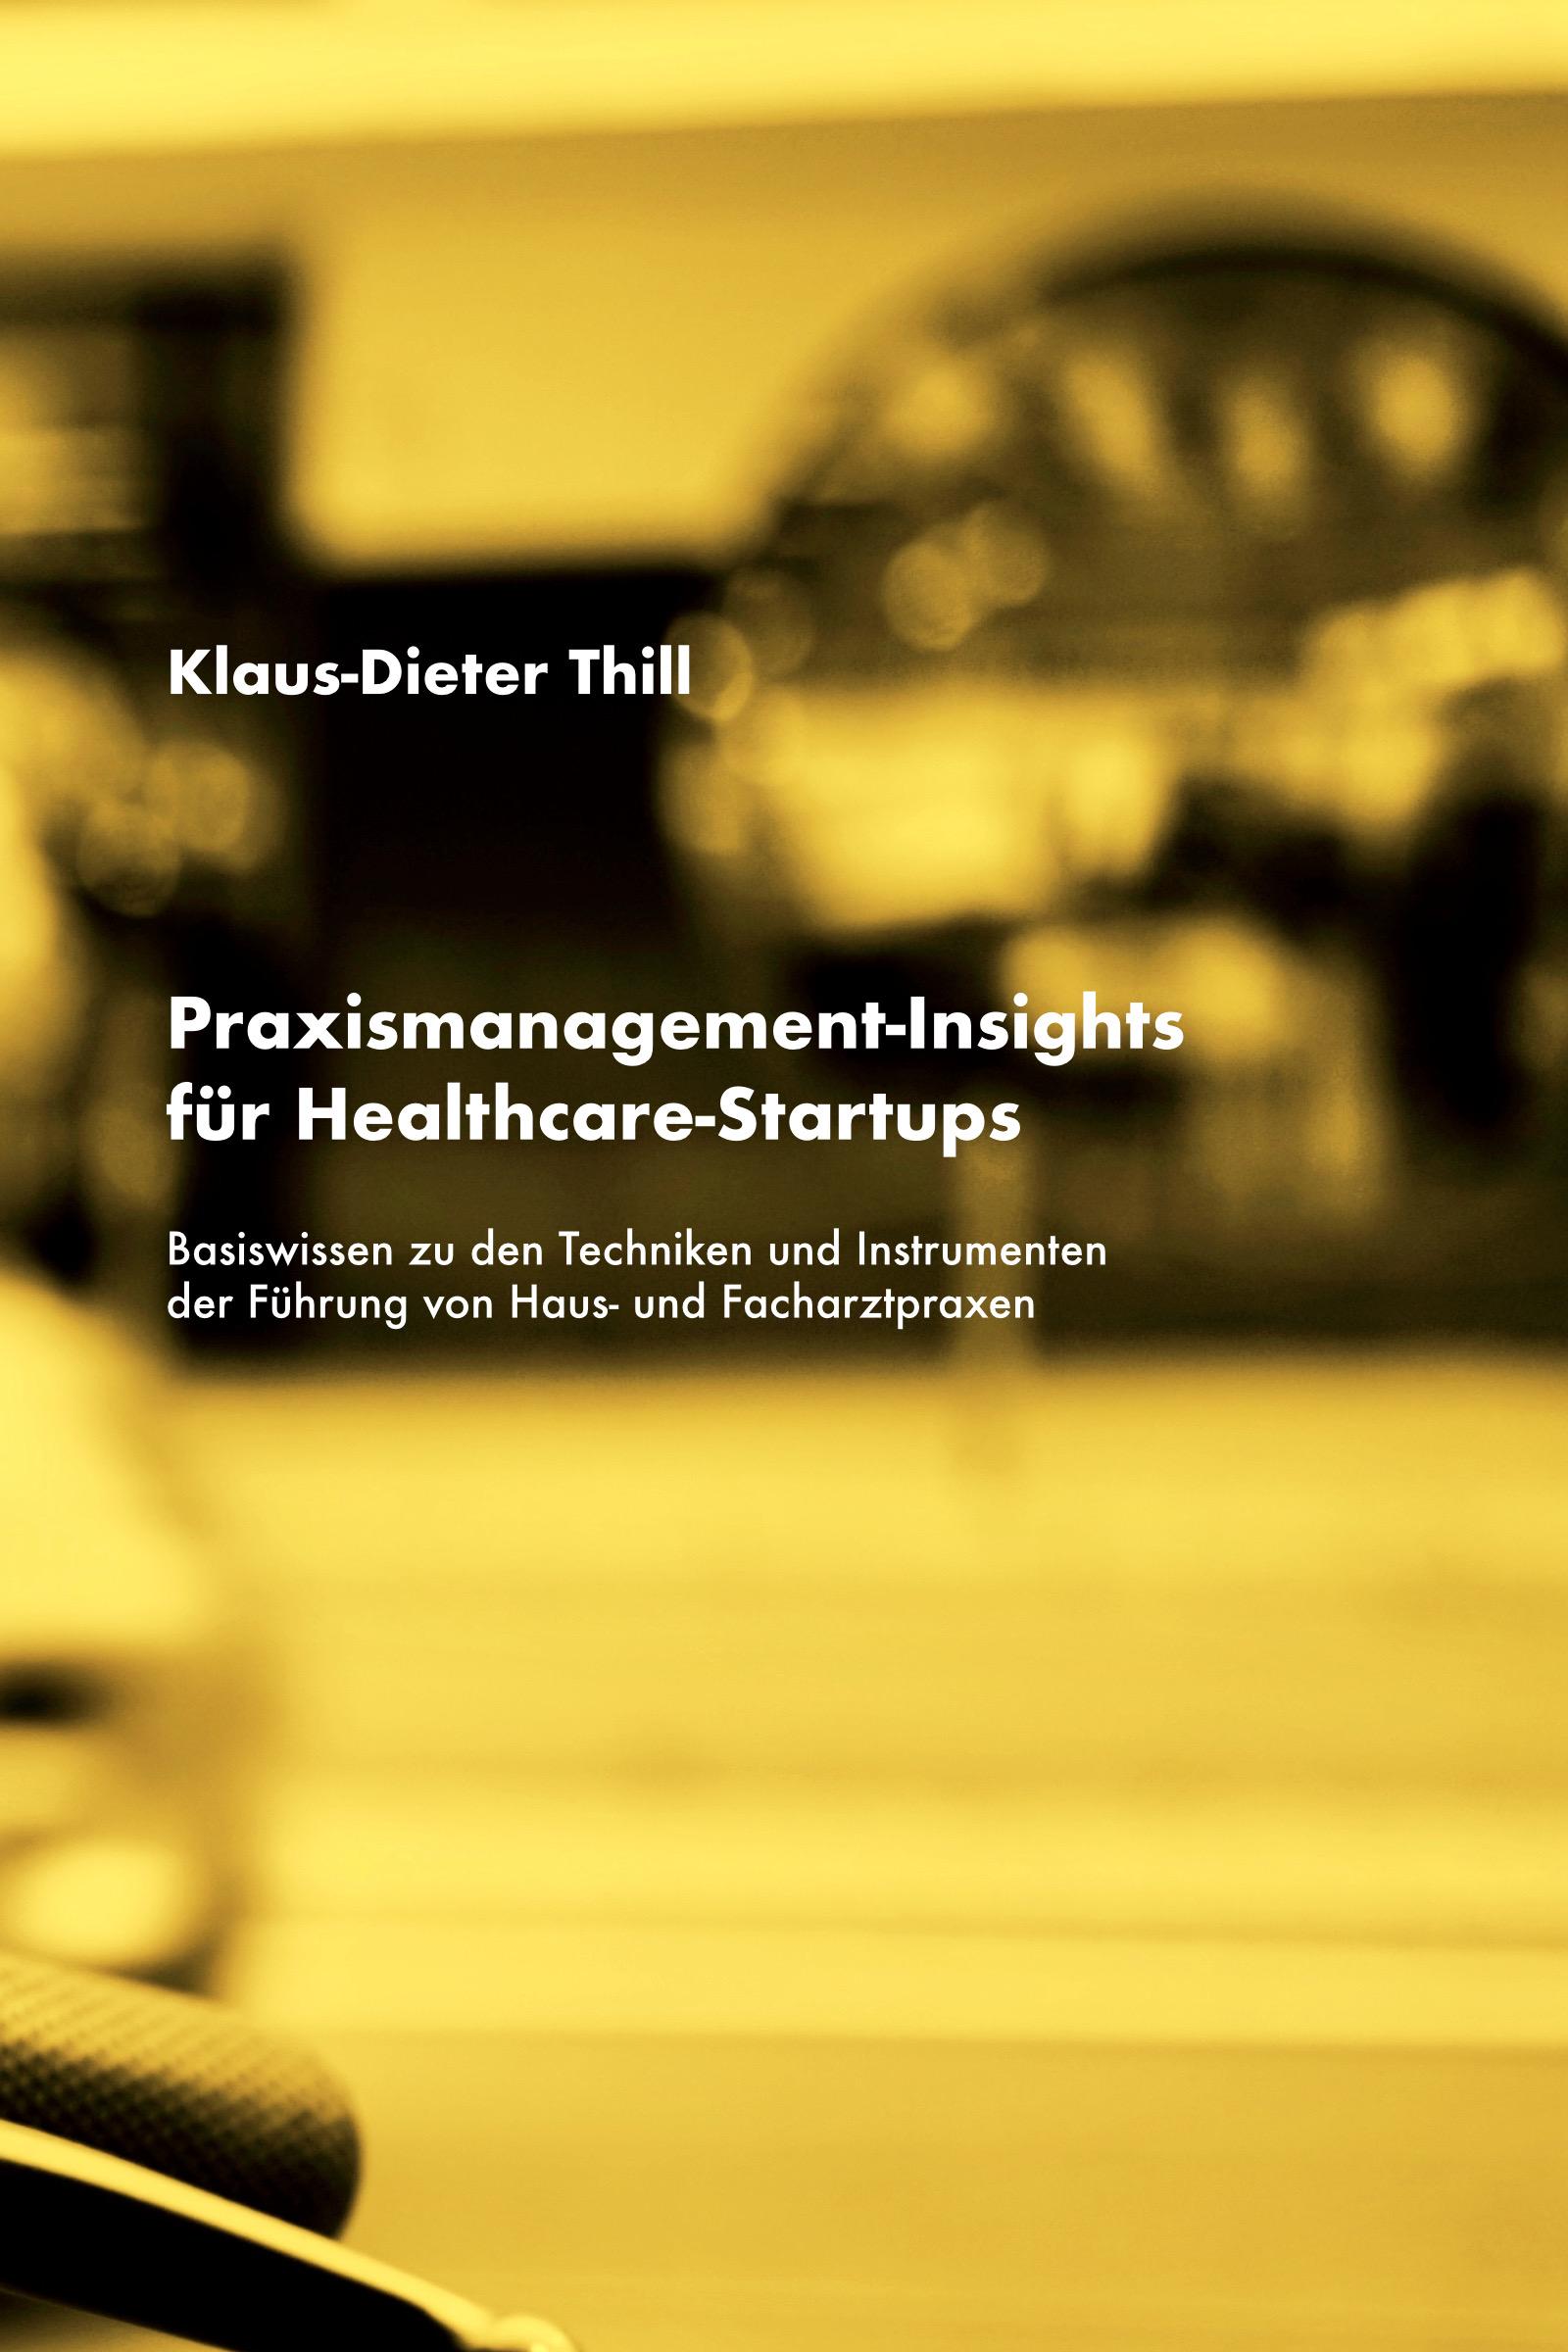 Praxismanagement-Insights für Healthcare-StartupsBasiswissen zu den Techniken und Instrumenten der Führung von Haus- und Facharztpraxen